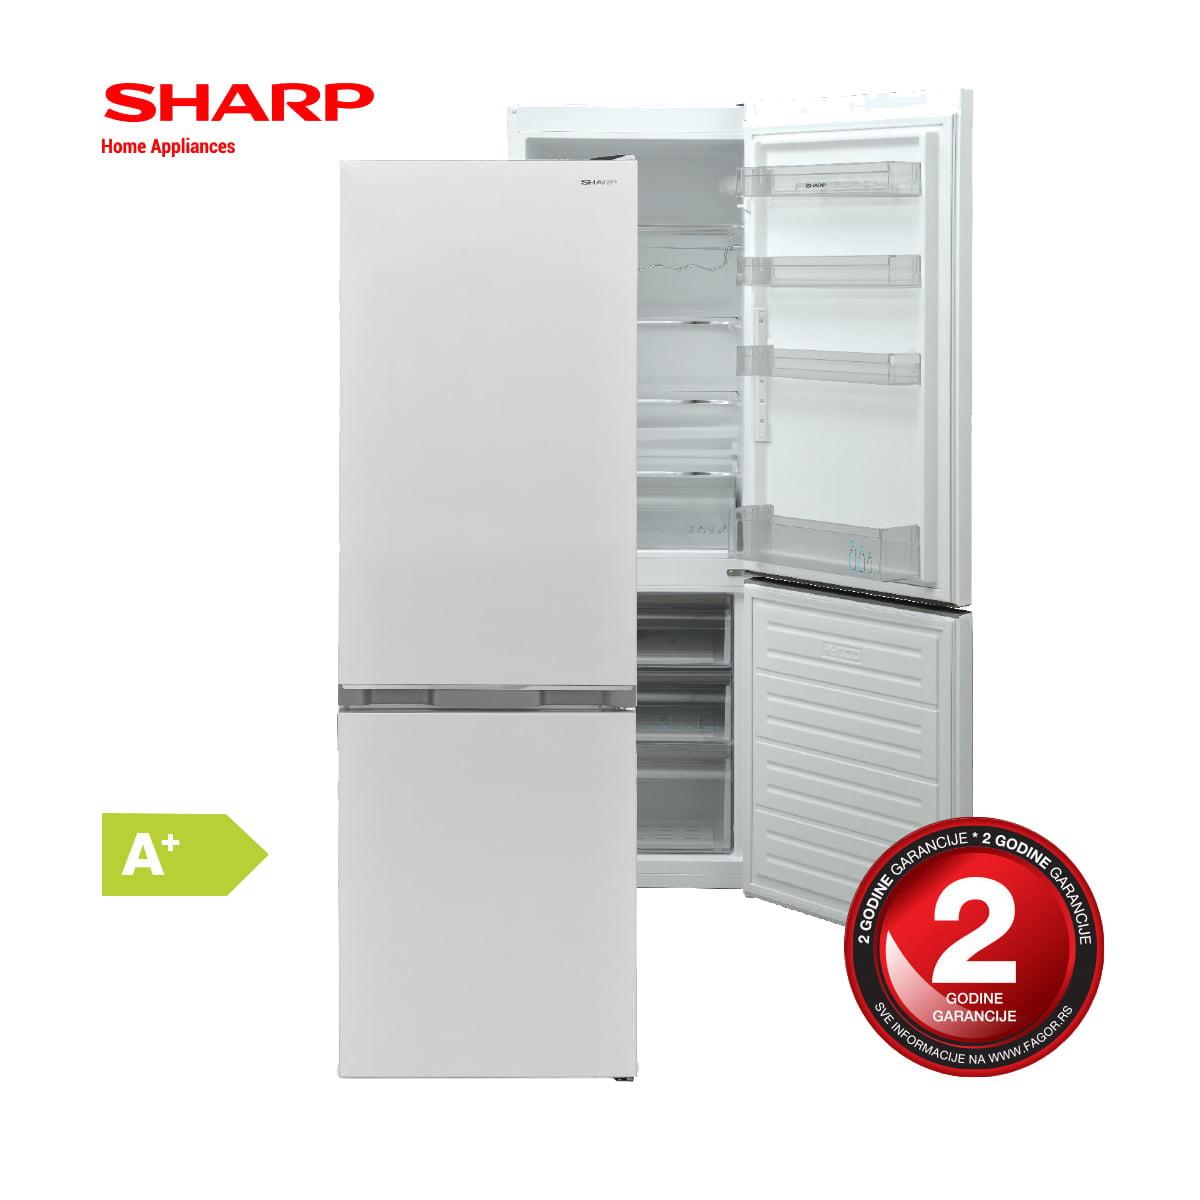 Kombinovani frižider Sharp 268 l (184+84) SJ-BB04DTXWF